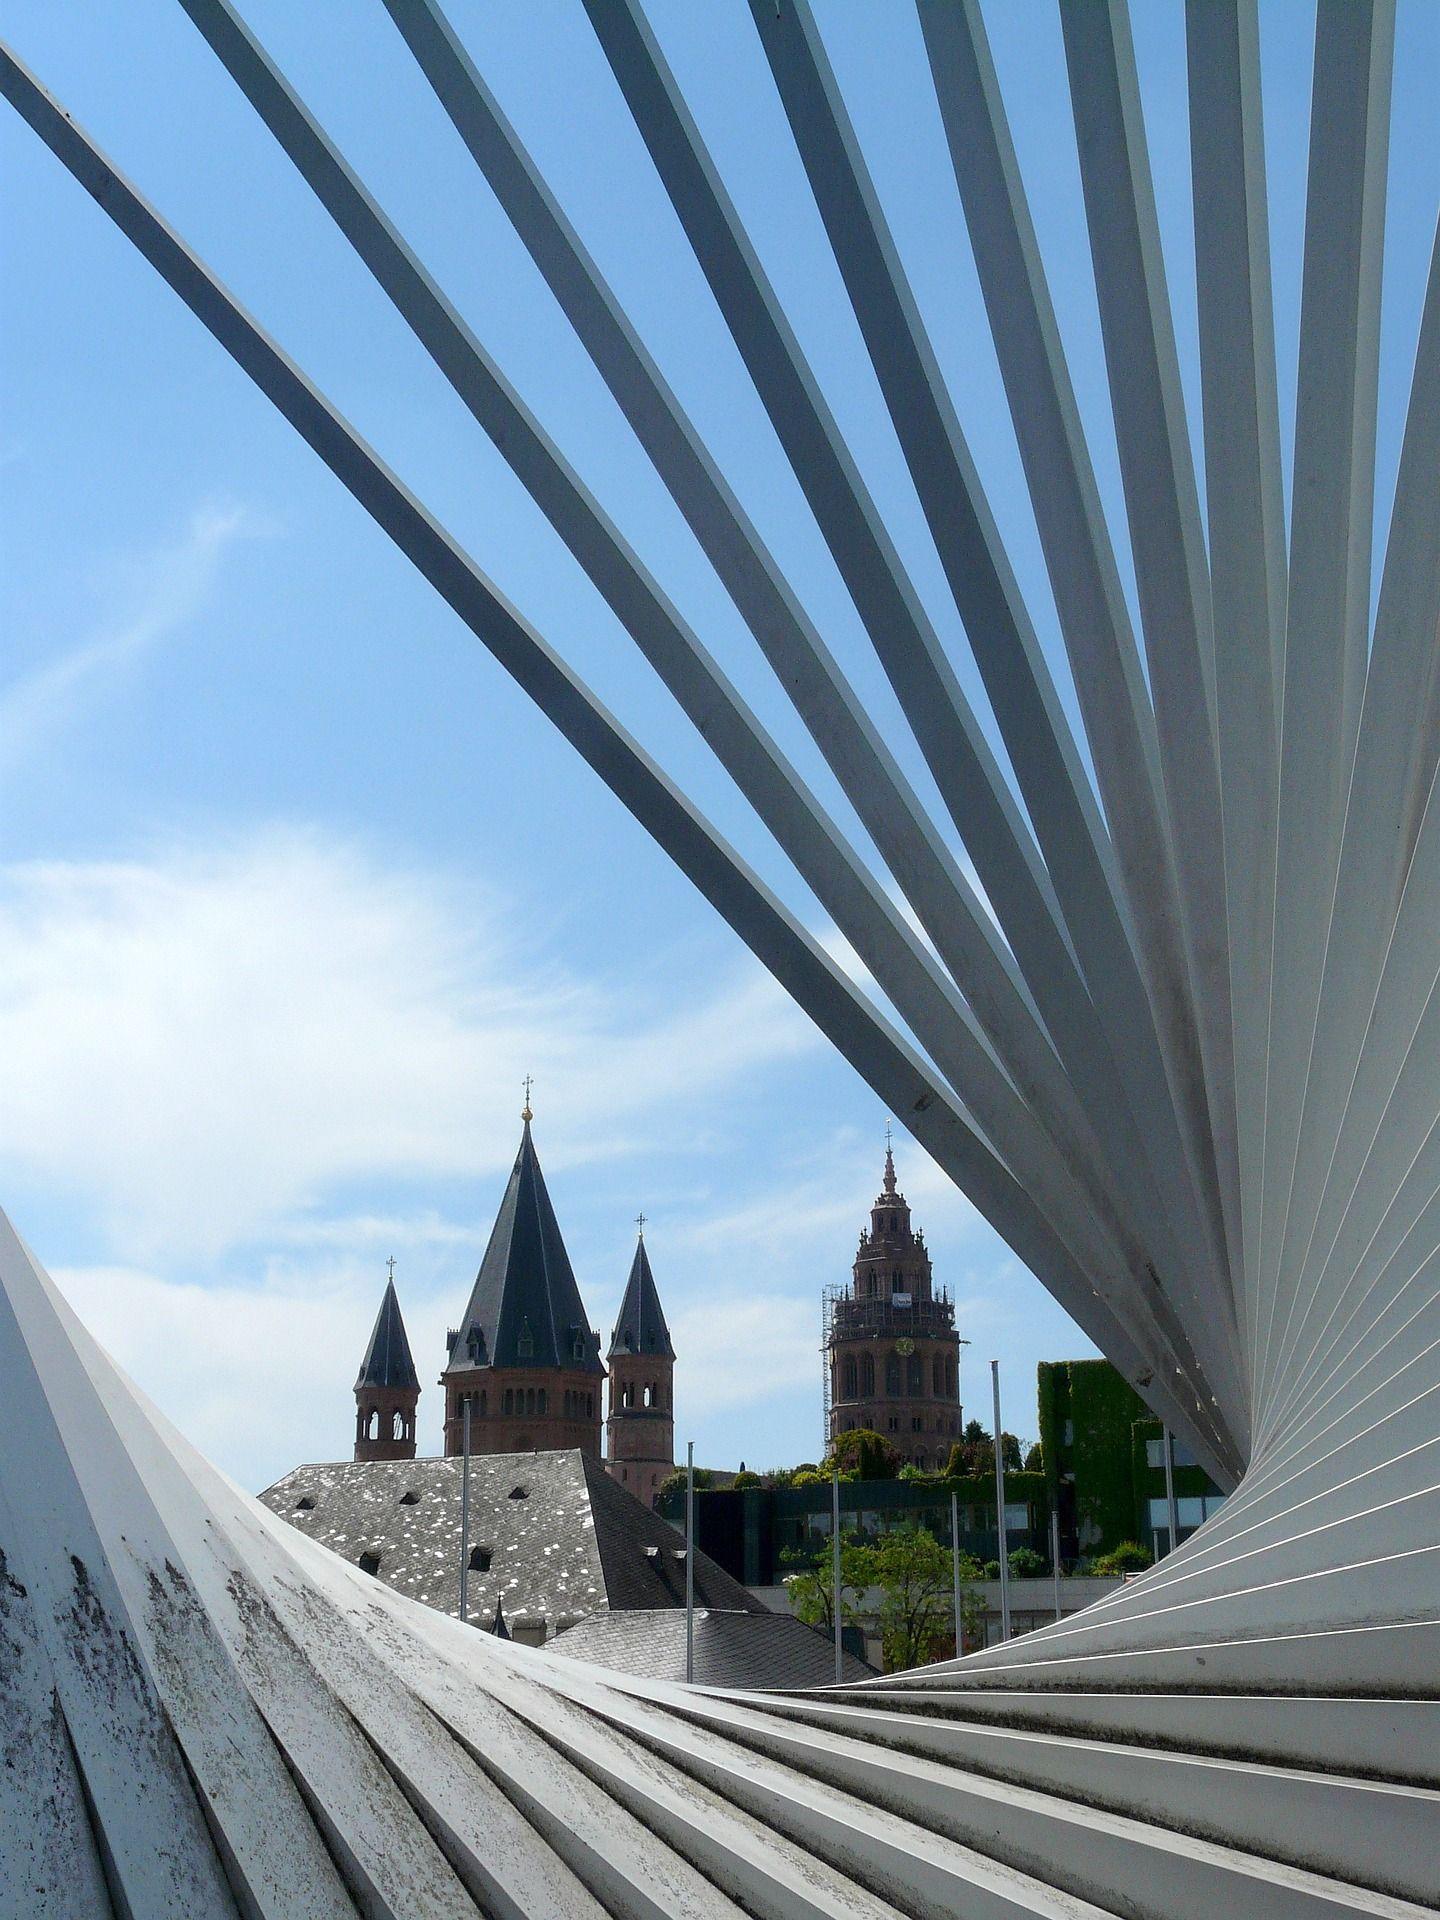 Mainz Bei Wohlstand Auf Bundesweitem Spitzenplatz Gute Wachstumsaussichten Fur Arbeitsmarkt Und Wirtschaft Stabiler Arbeitsmarkt Sparkasse Mainz Hauptstadt